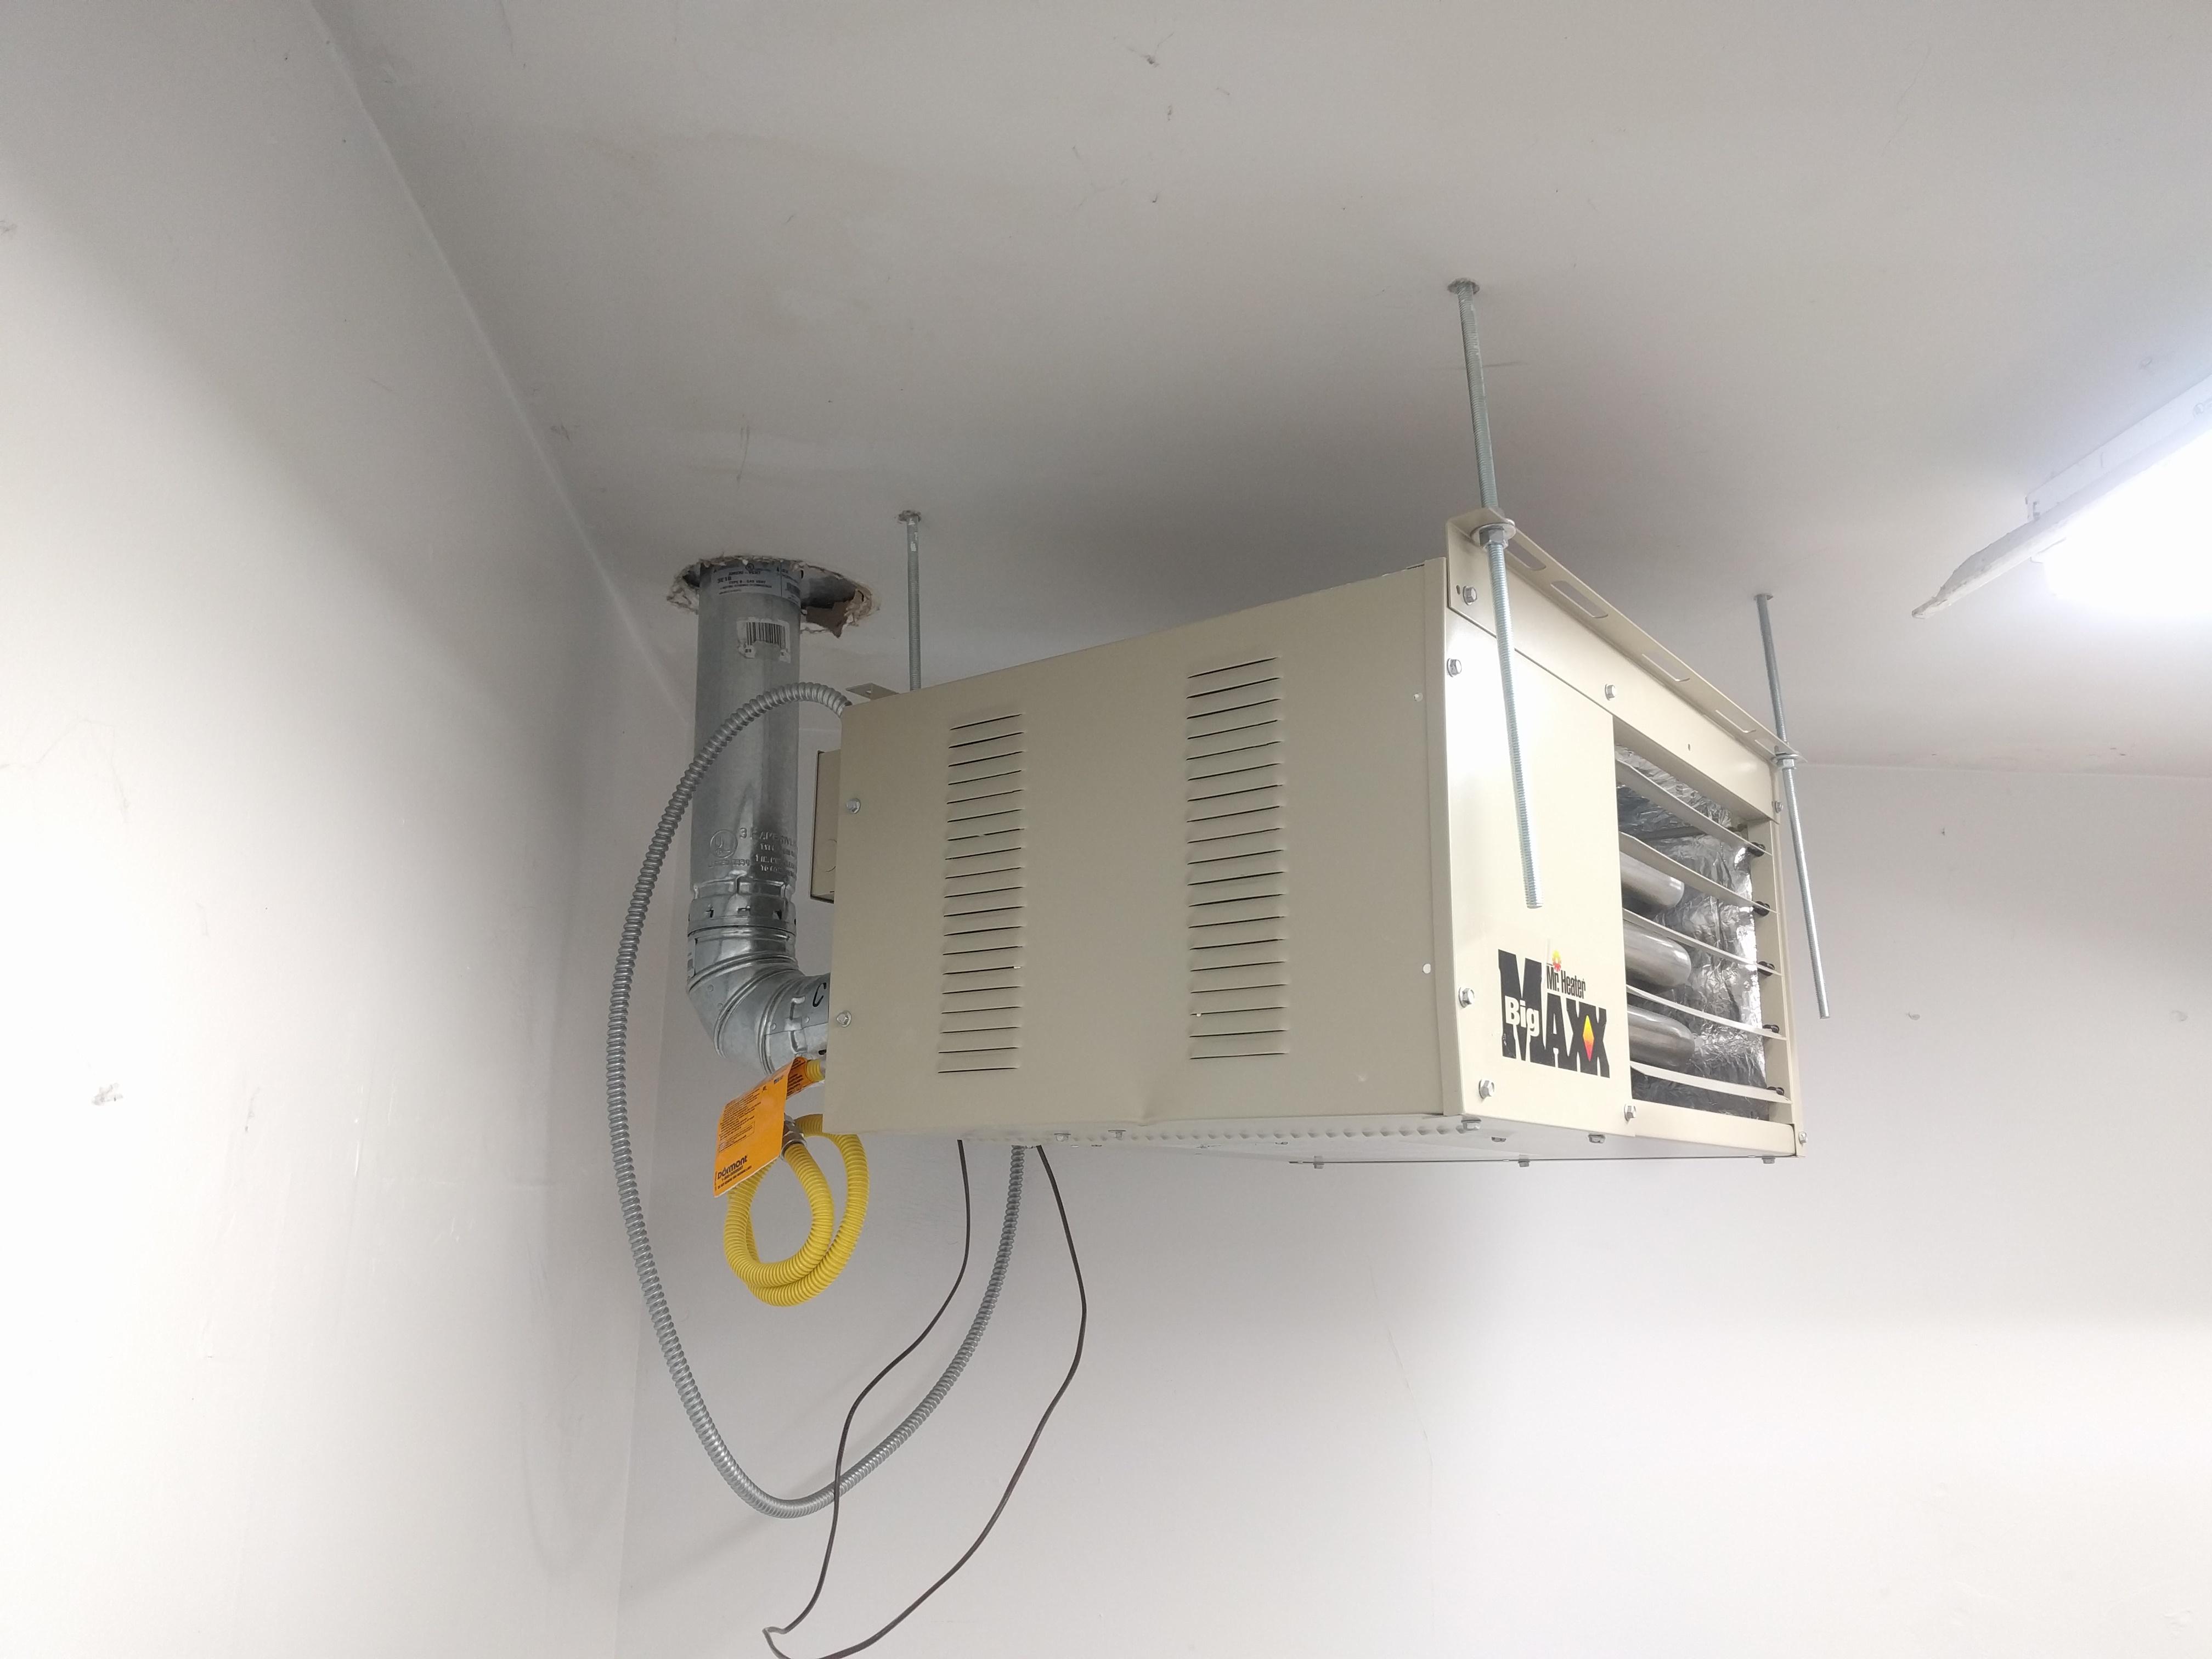 mr heater f260550 big maxx mhu50ng natural gas unit heater matt rh mattlapaglia com mr heater big maxx 50000 btu manual mr heater big maxx installation manual